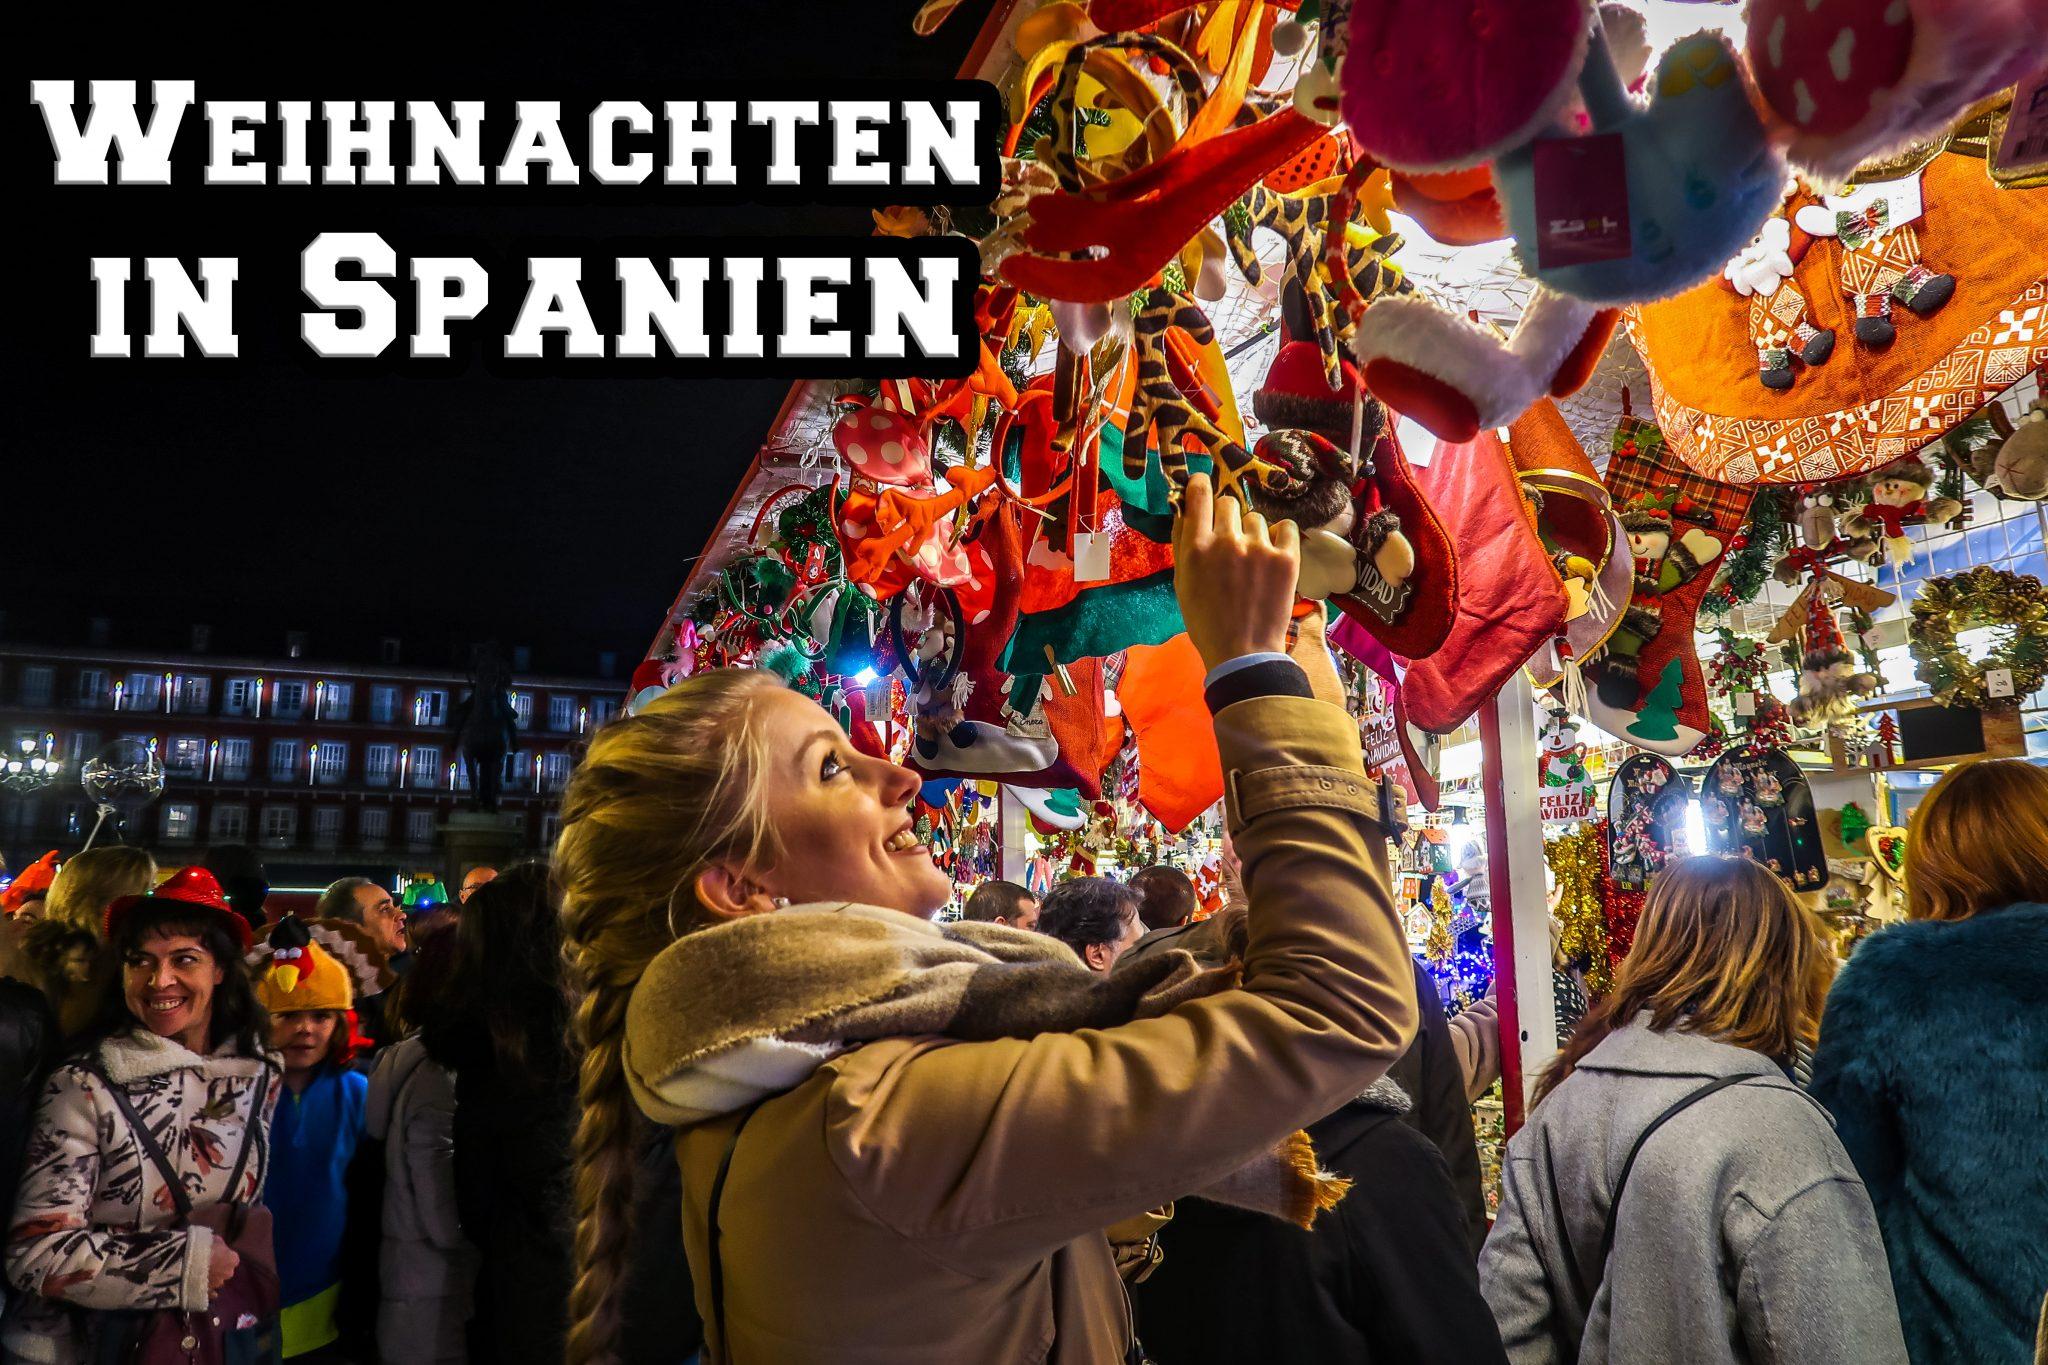 Wer Bringt Weihnachtsgeschenke In Spanien.Weihnachten In Spanien Traditionen Bräuche Und Unterschiede